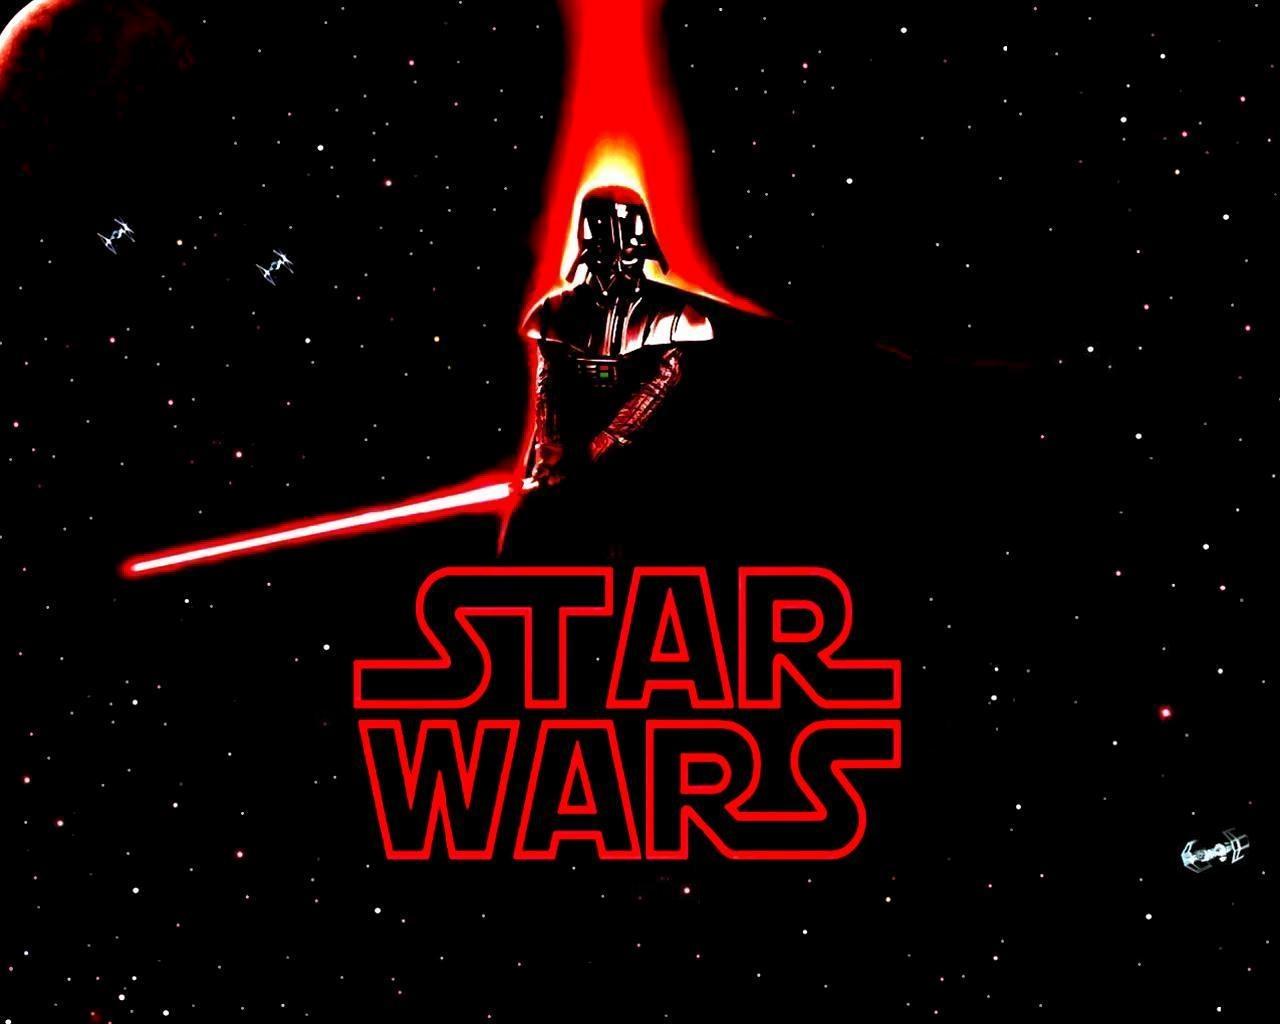 STAR WAR WALLPAPER Star Wars Hd Wallpaper 1280x1024